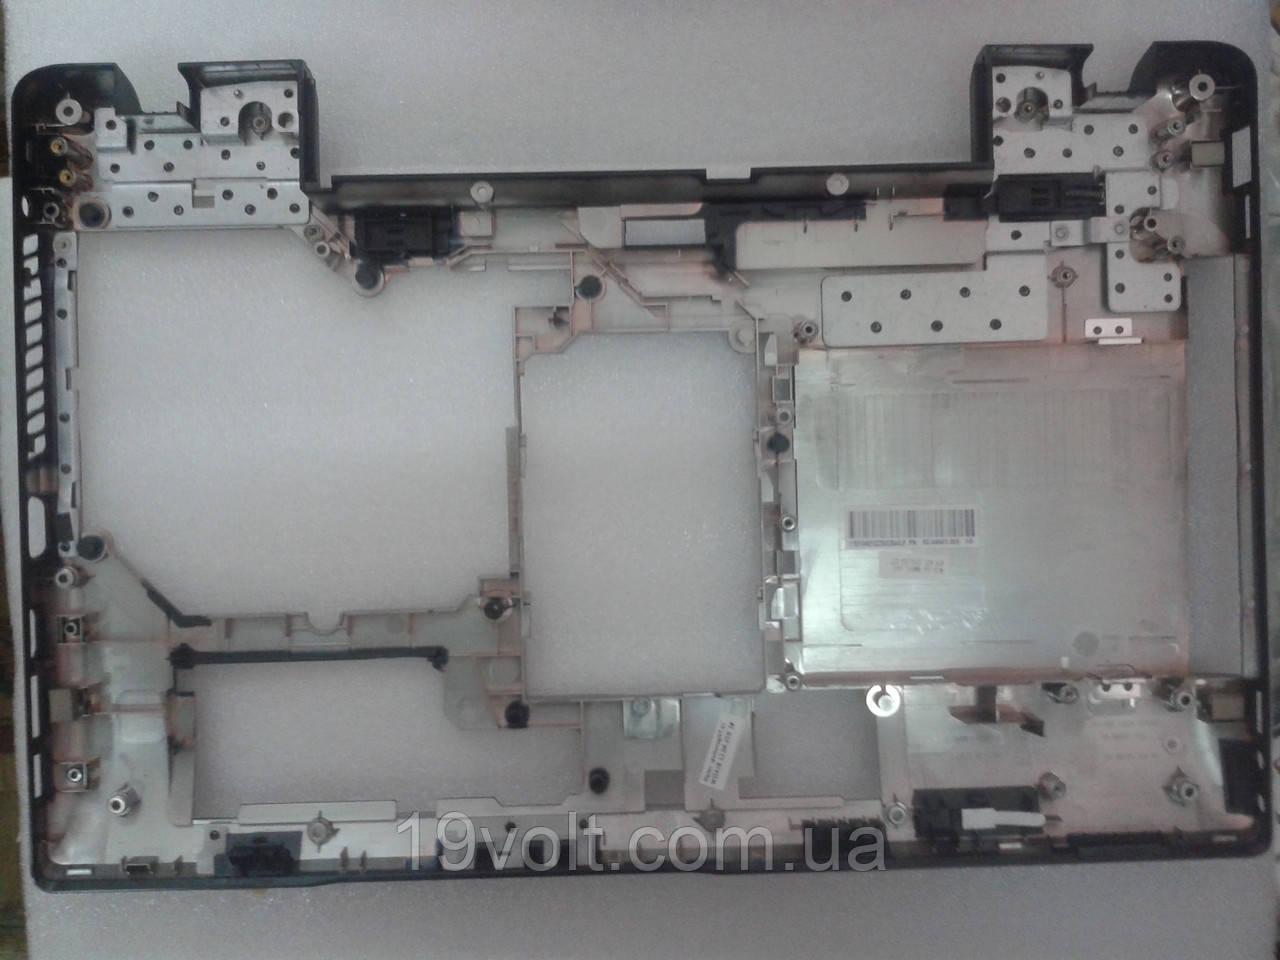 Нижня частина (дно, піддон,корито) Lenovo Z570, Z575